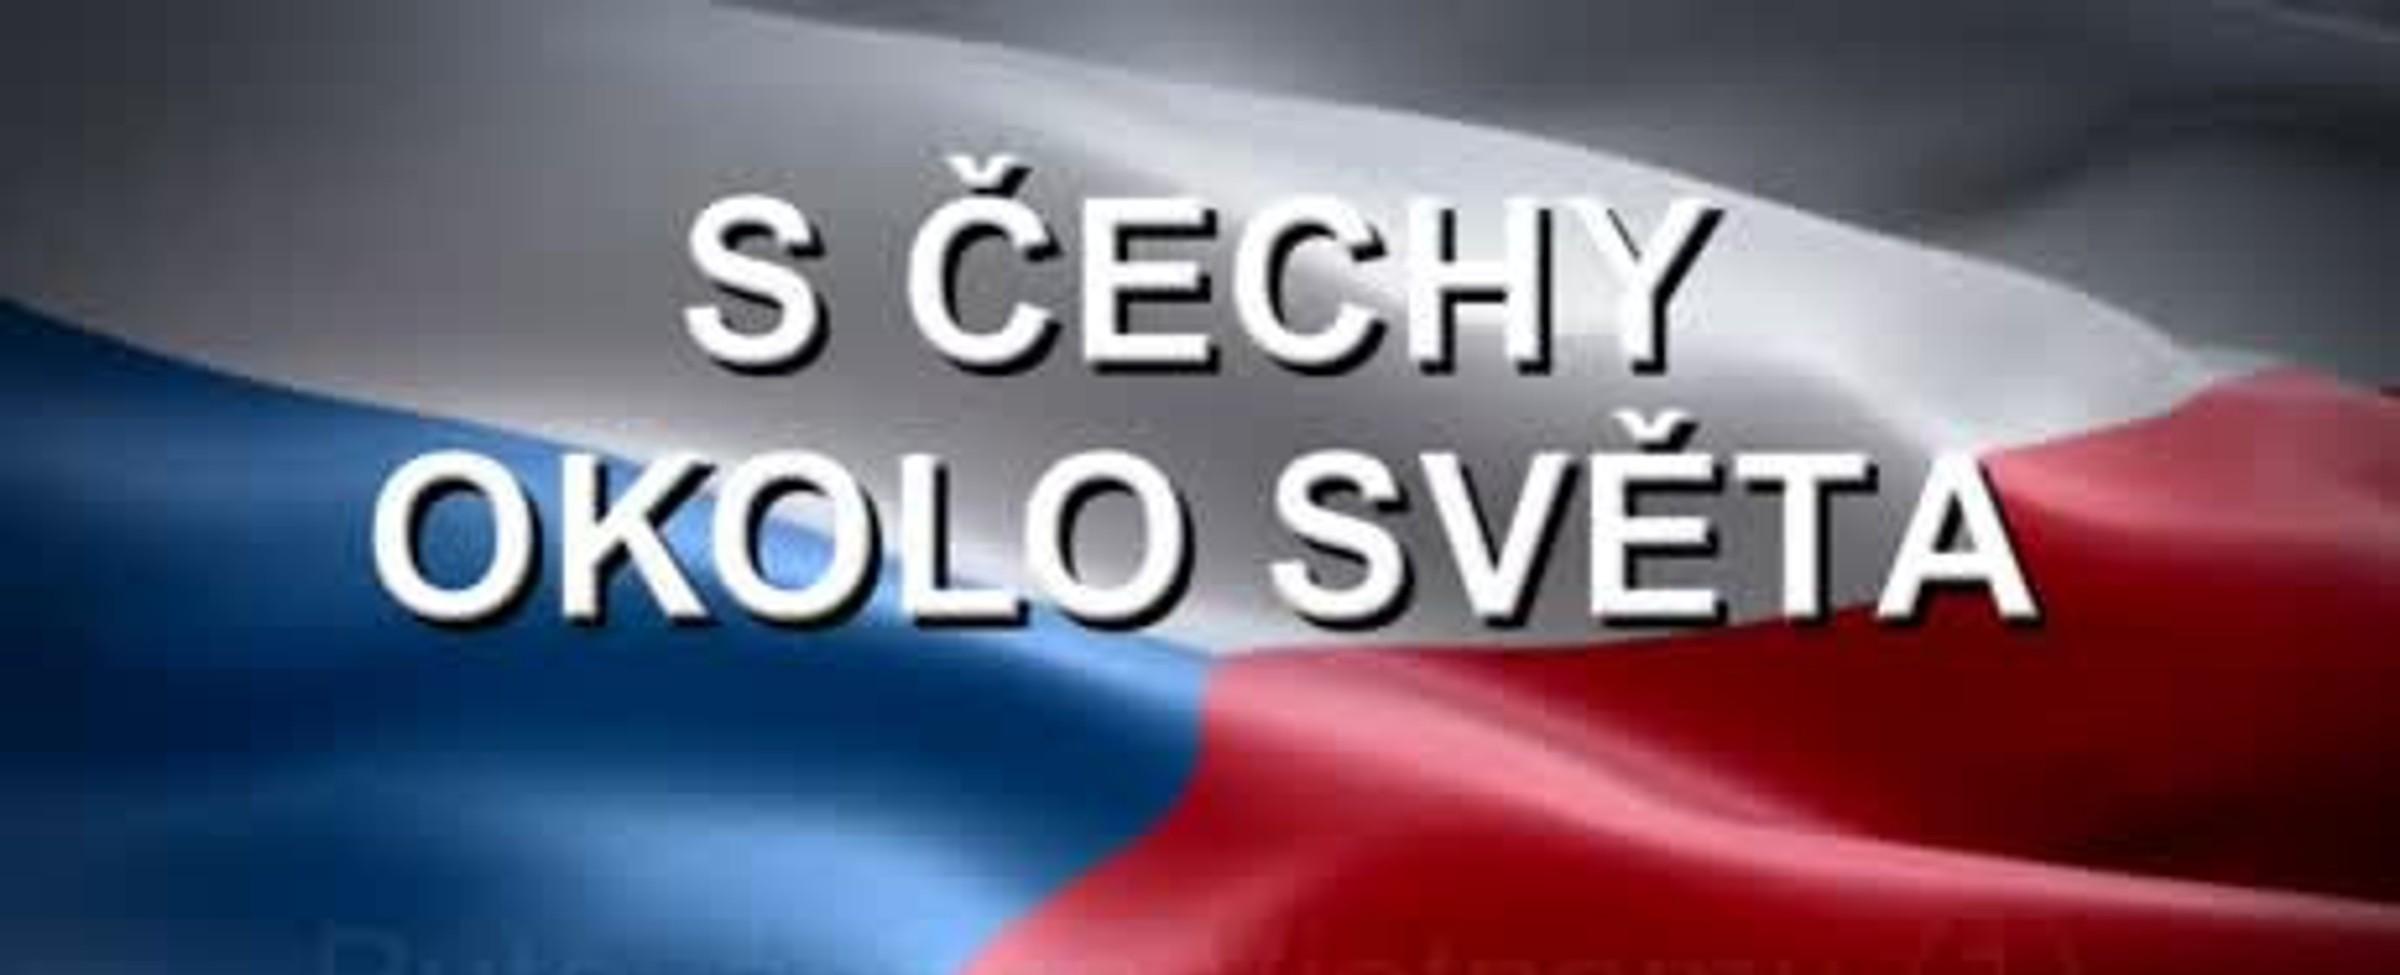 S Čechy okolo světa HD